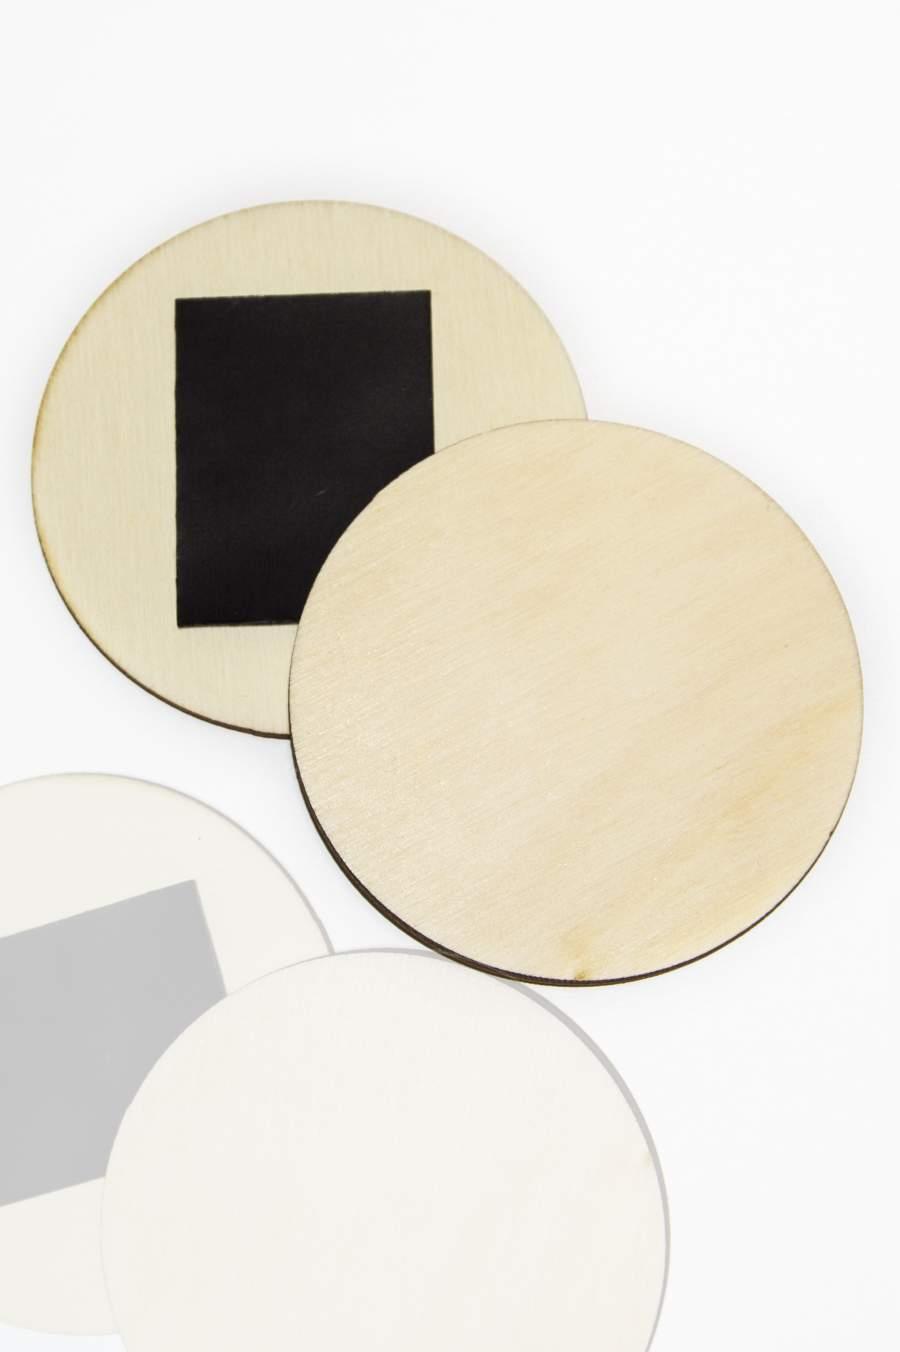 101. Dřevěná magnetka na ledničku - základní materiál, kruhový plátek Ø80